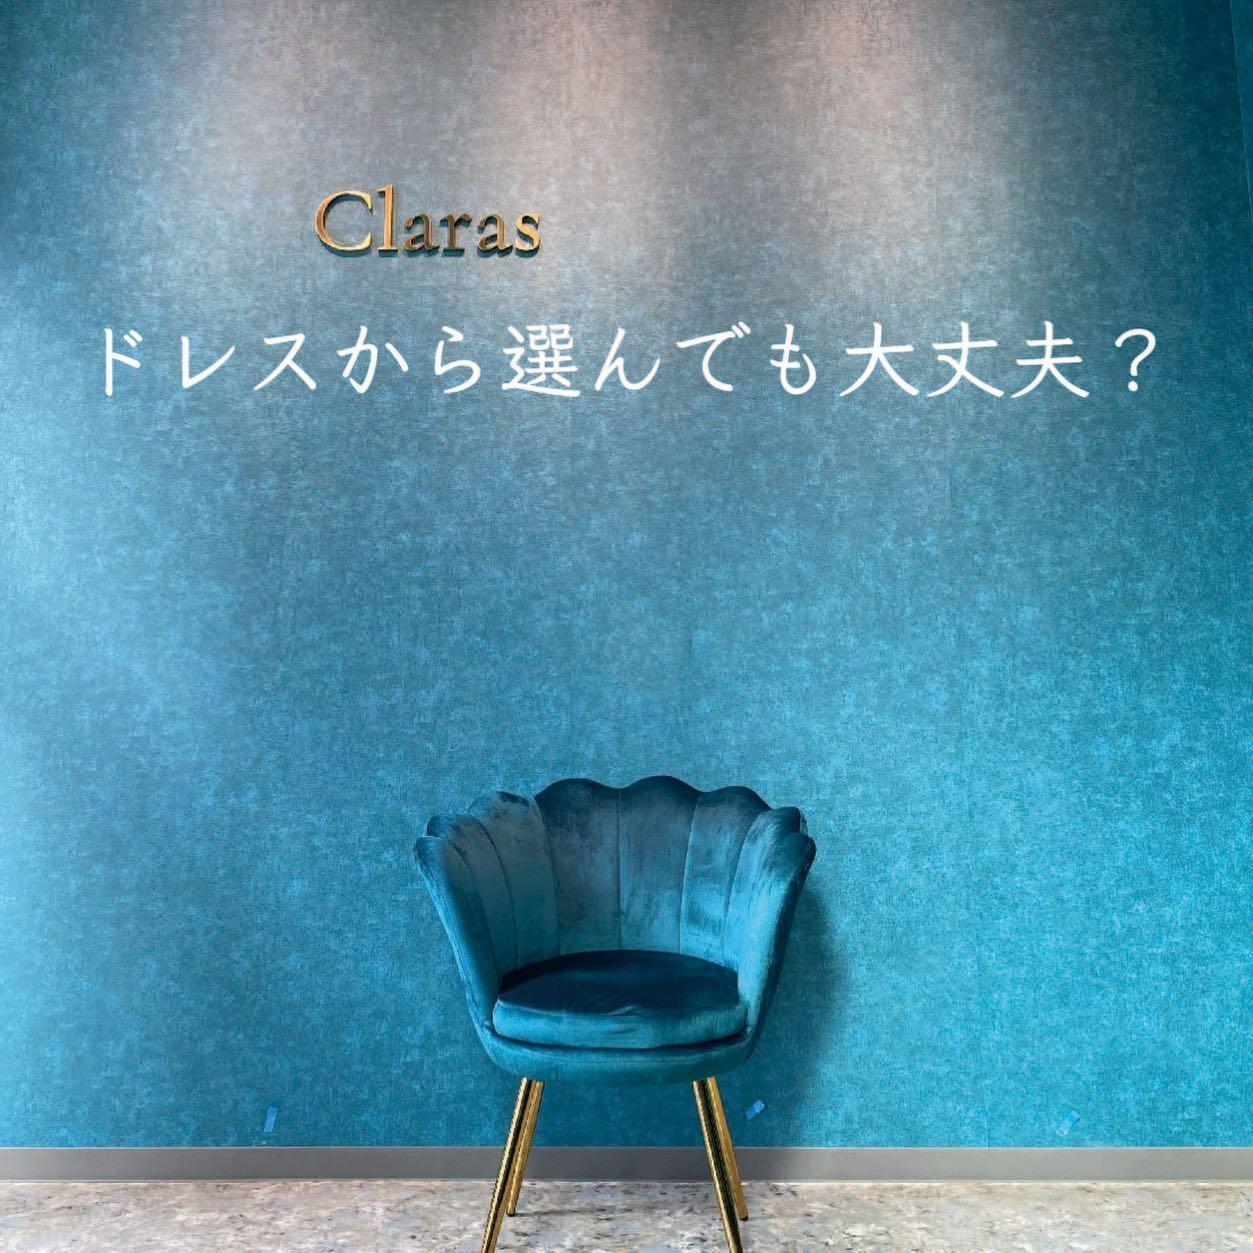 """🕊結婚が決まったらClarasへ🕊・OpenしたばかりのClarasですがご予約もすでにいただきております色々お悩みのかた一度ぜひお越しください結婚準備の新しい価値をわたしたちは発信しますご予約はDMからでも承れます・New Normal Wedding Salon""""Claras""""https://claras.jp/・about """"Claras""""…(ラテン語で、明るい·輝く)As(明日· 未来, フランス語て最高、一番) ・明るく輝く明日(未来) に貢献したいという想いを込めています🕊Fashionの都Parisをはじめ、欧米から選りすぐりのドレスをこれから出逢う花嫁のために取揃えました・2021.3.7 (Sun)NEW OPEN・Dressから始まるWedding Story""""憧れていた Dress選びから始まる結婚準備があったっていい""""・さまざまな新しい「価値」を創造し発信していきますこれからの新しい Wedding の常識を""""Claras """"から🕊・New Normal Wedding Salon【Claras】〒107-0061 東京都港区北青山2-9-14SISTER Bldg 1F(101) 東京メトロ銀座線 外苑前駅3番出ロより徒歩2分Tel:03 6910 5163HP: https://claras.jp営業時間:平日 12:00-18:00 土日祝11:00-18:00(定休日:月・火)・#wedding #weddingdress #legeretes #claras #paris #vowrenewal#ウェディングドレス #プレ花嫁 #ドレス試着 #2021春婚 #2021夏婚 #2021冬婚 #ヘアメイク #結婚式  #ドレス選び #前撮り #後撮り #フォトウェディング #ウェディングヘア  #フォト婚 #前撮り写真 #ブライダルフォト #カップルフォト #ウェディングドレス探し #ウェディングドレス試着 #レンタルドレス #ドレスショップ #家族婚 #バウリニューアル #記念日婚"""